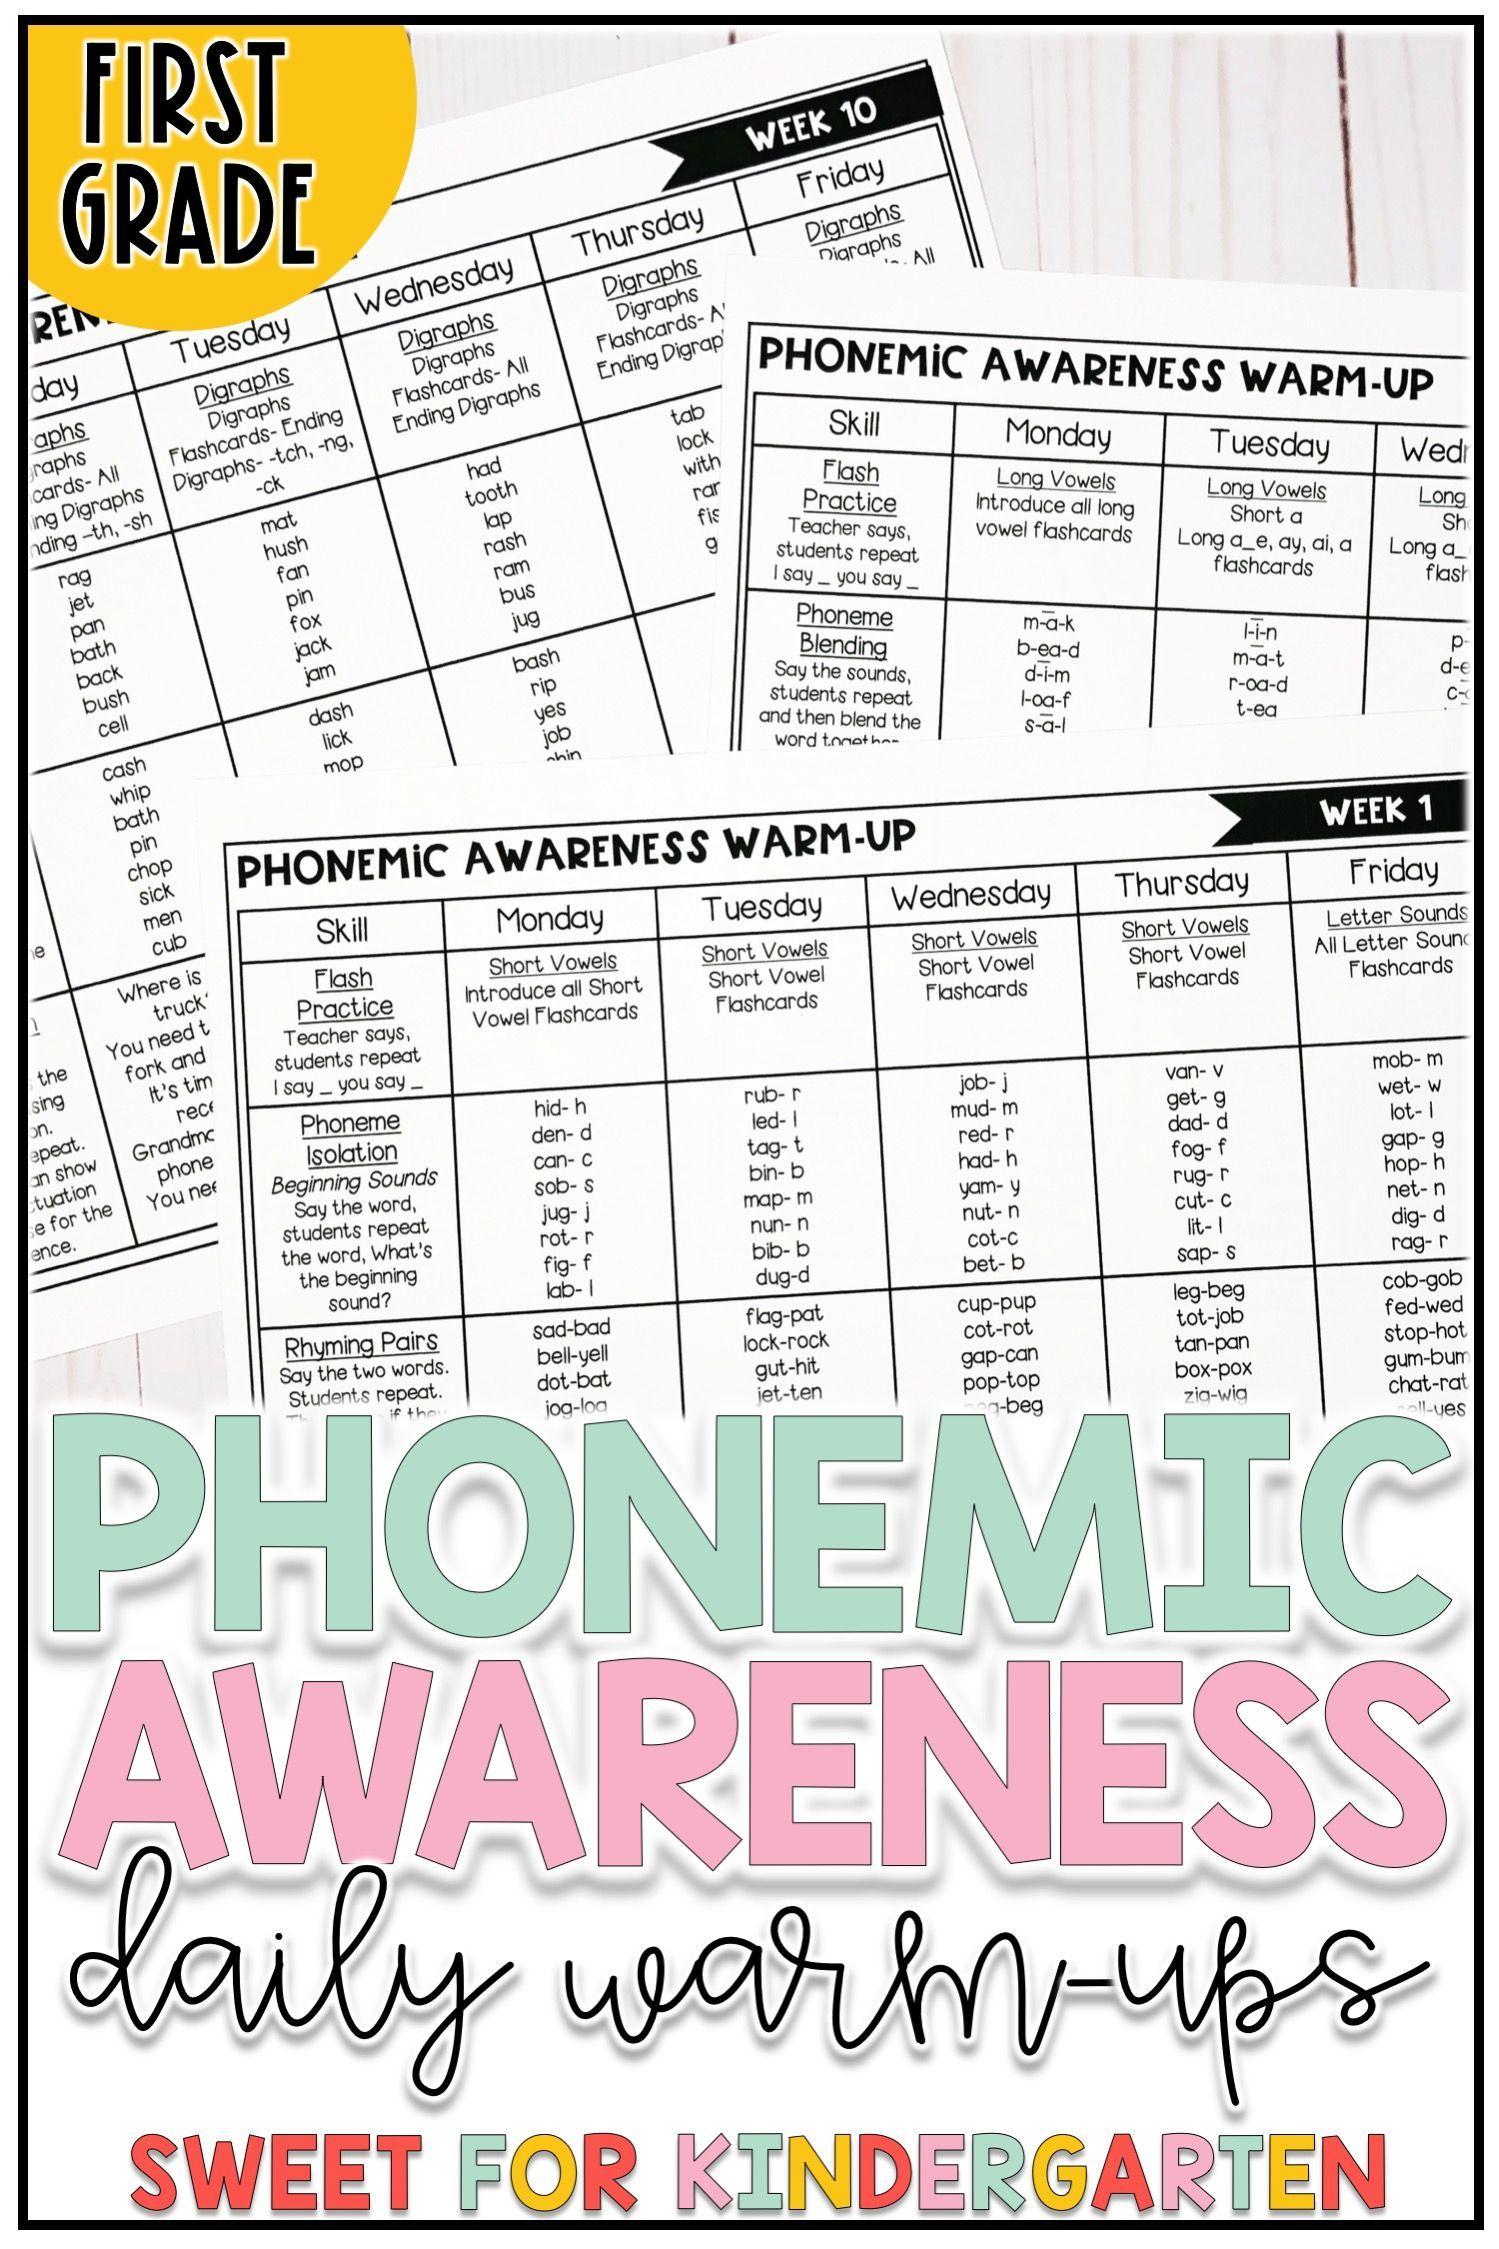 First Grade Phonemic Awareness Daily Warm Ups